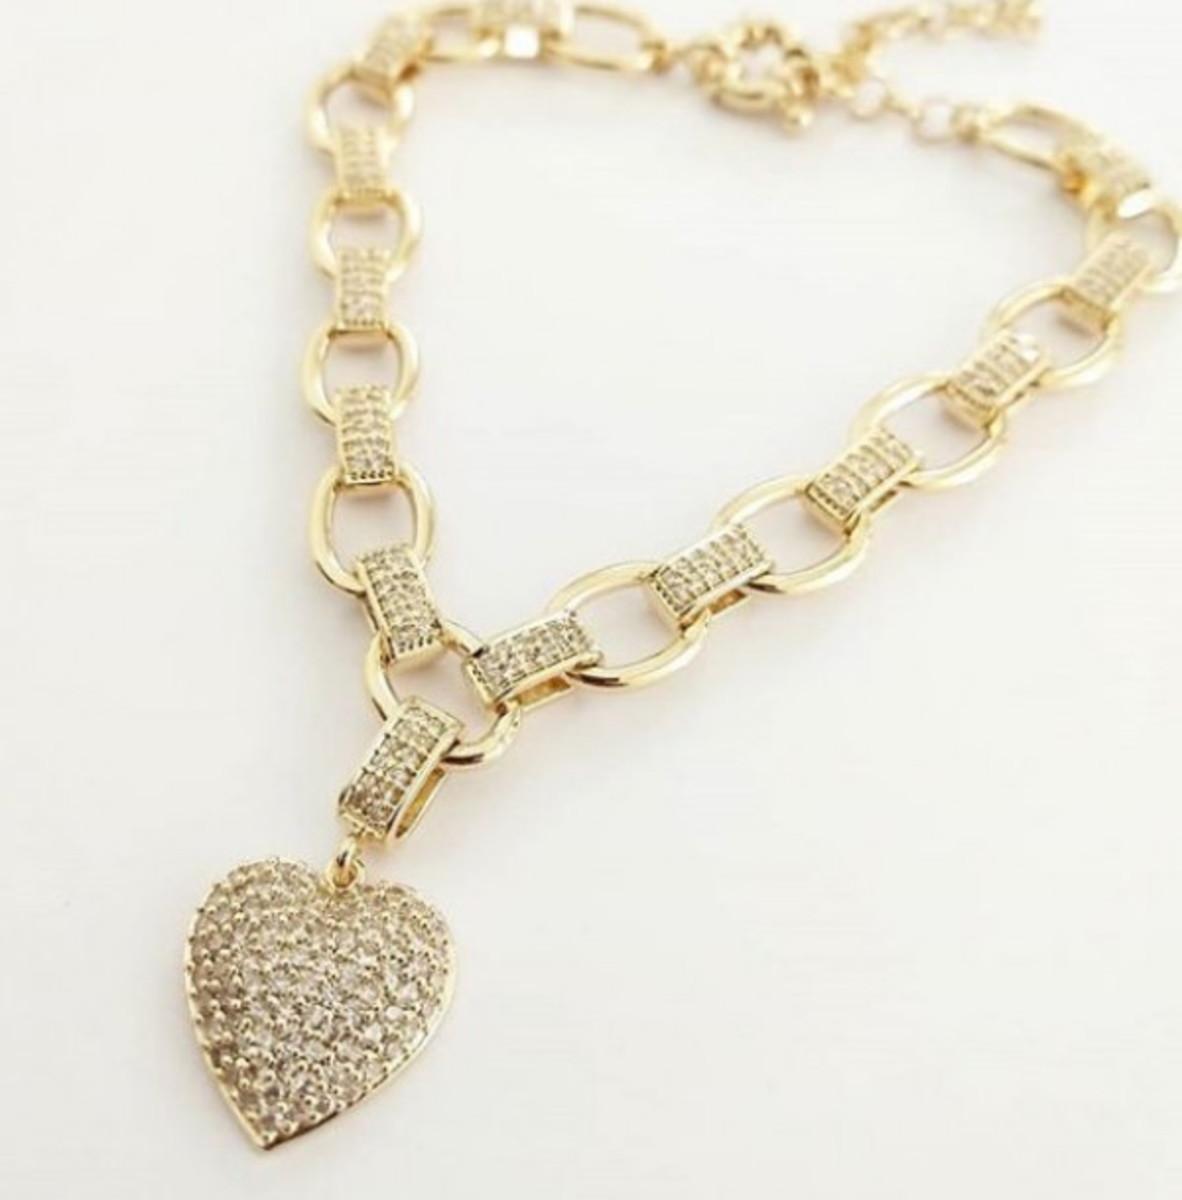 a51a7a539e9 Pulseira Coração Pendurado Cravejado em Banho de Ouro no Elo7 ...